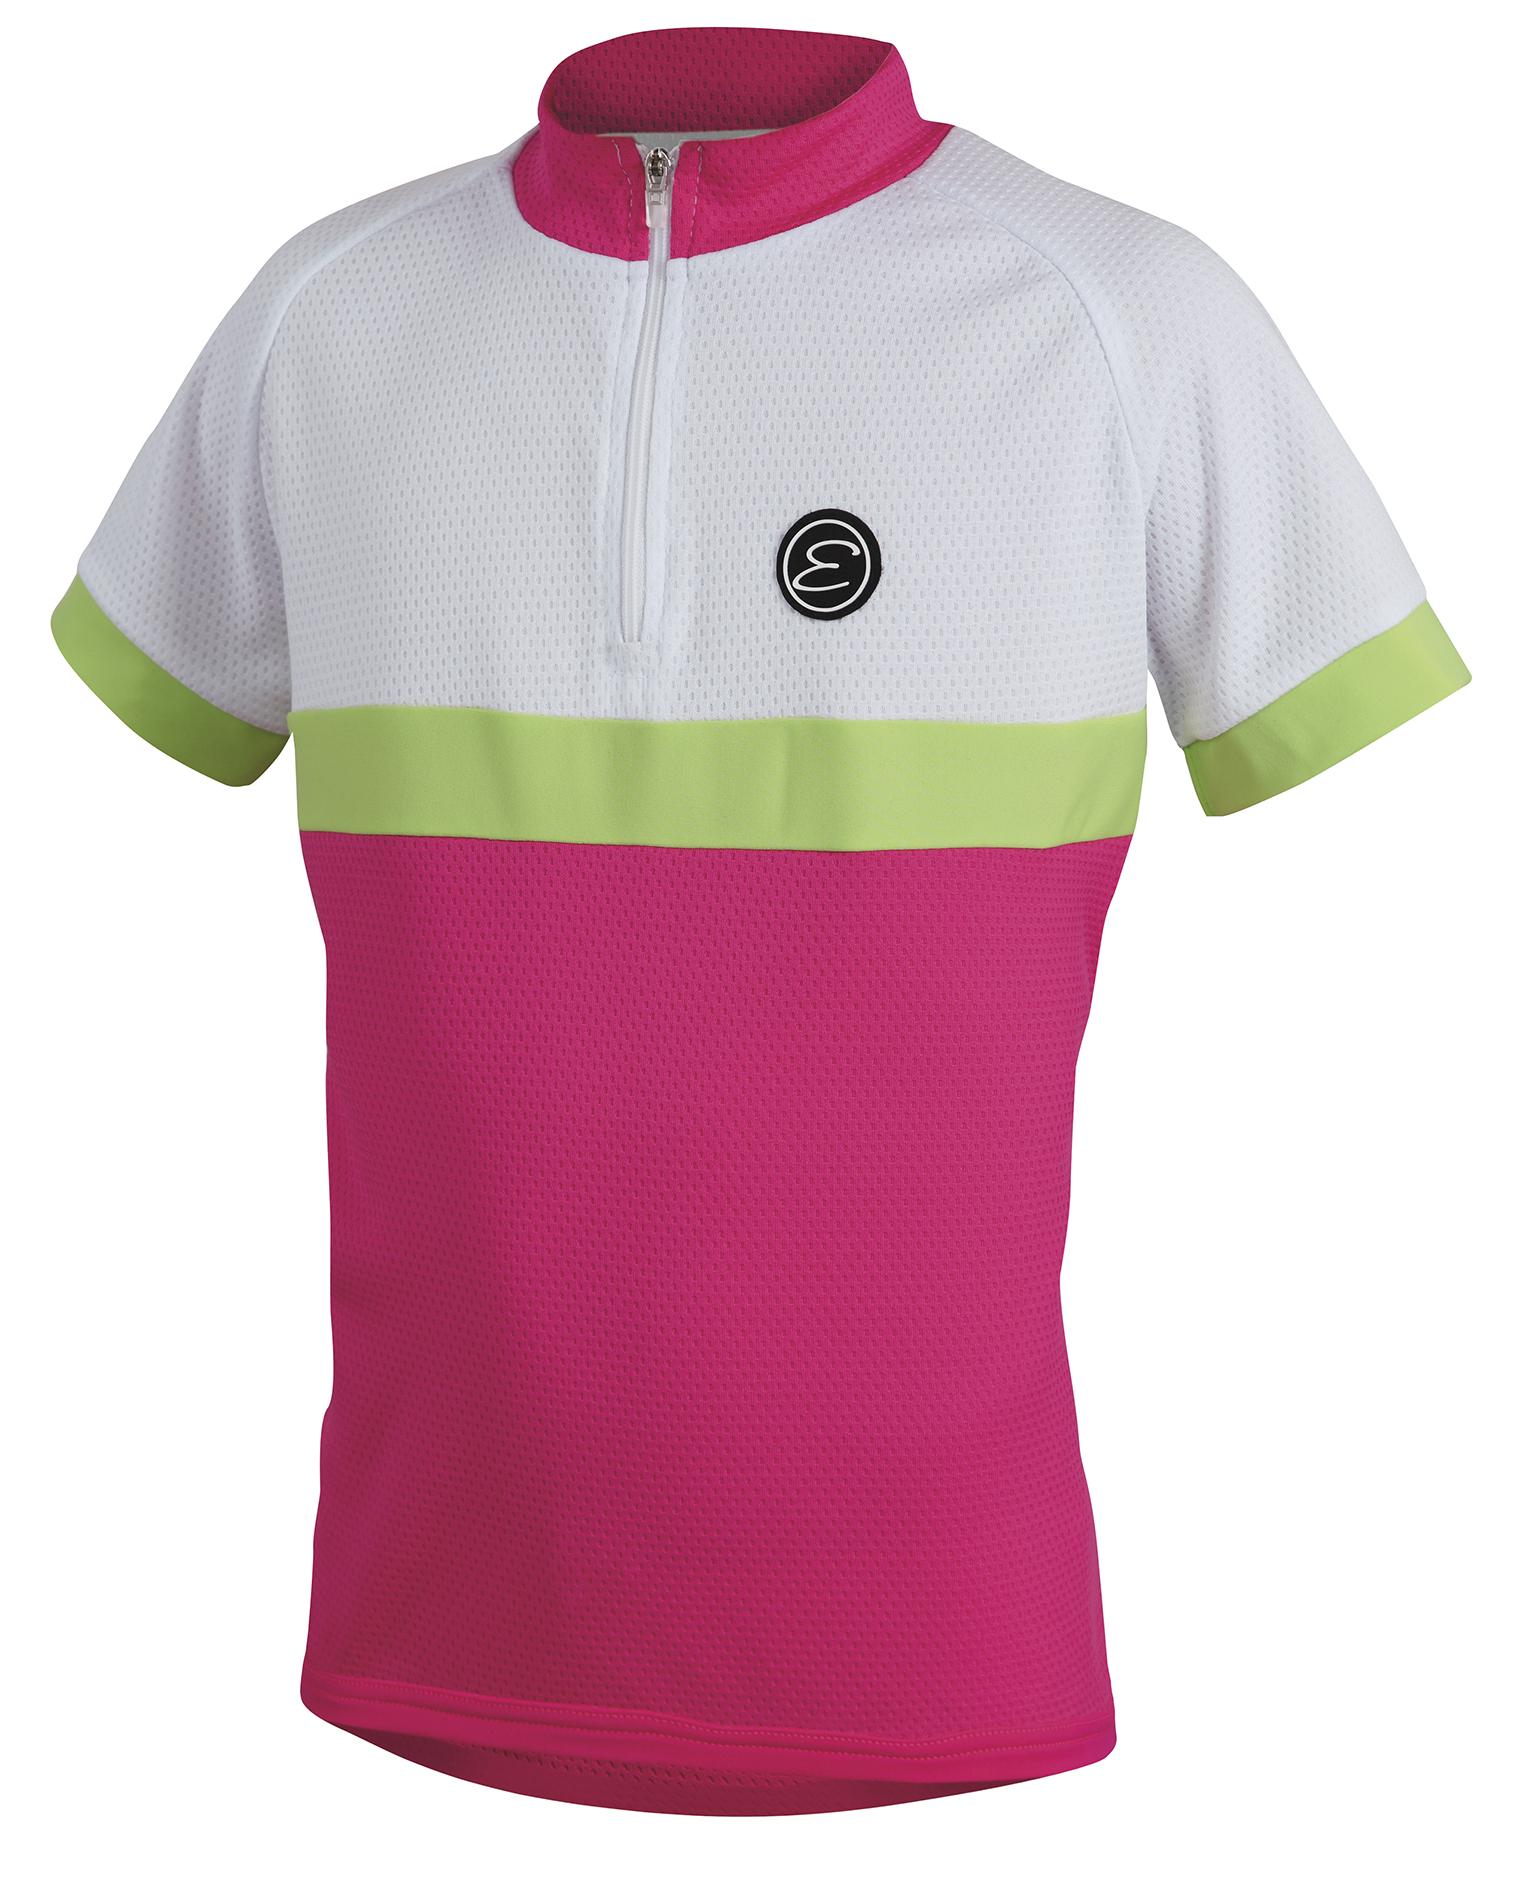 Dětský cyklistický dres ETAPE Bambino, 152/158, růžová/bílá, model 2017 (Dětský dres Etape, přední zip)